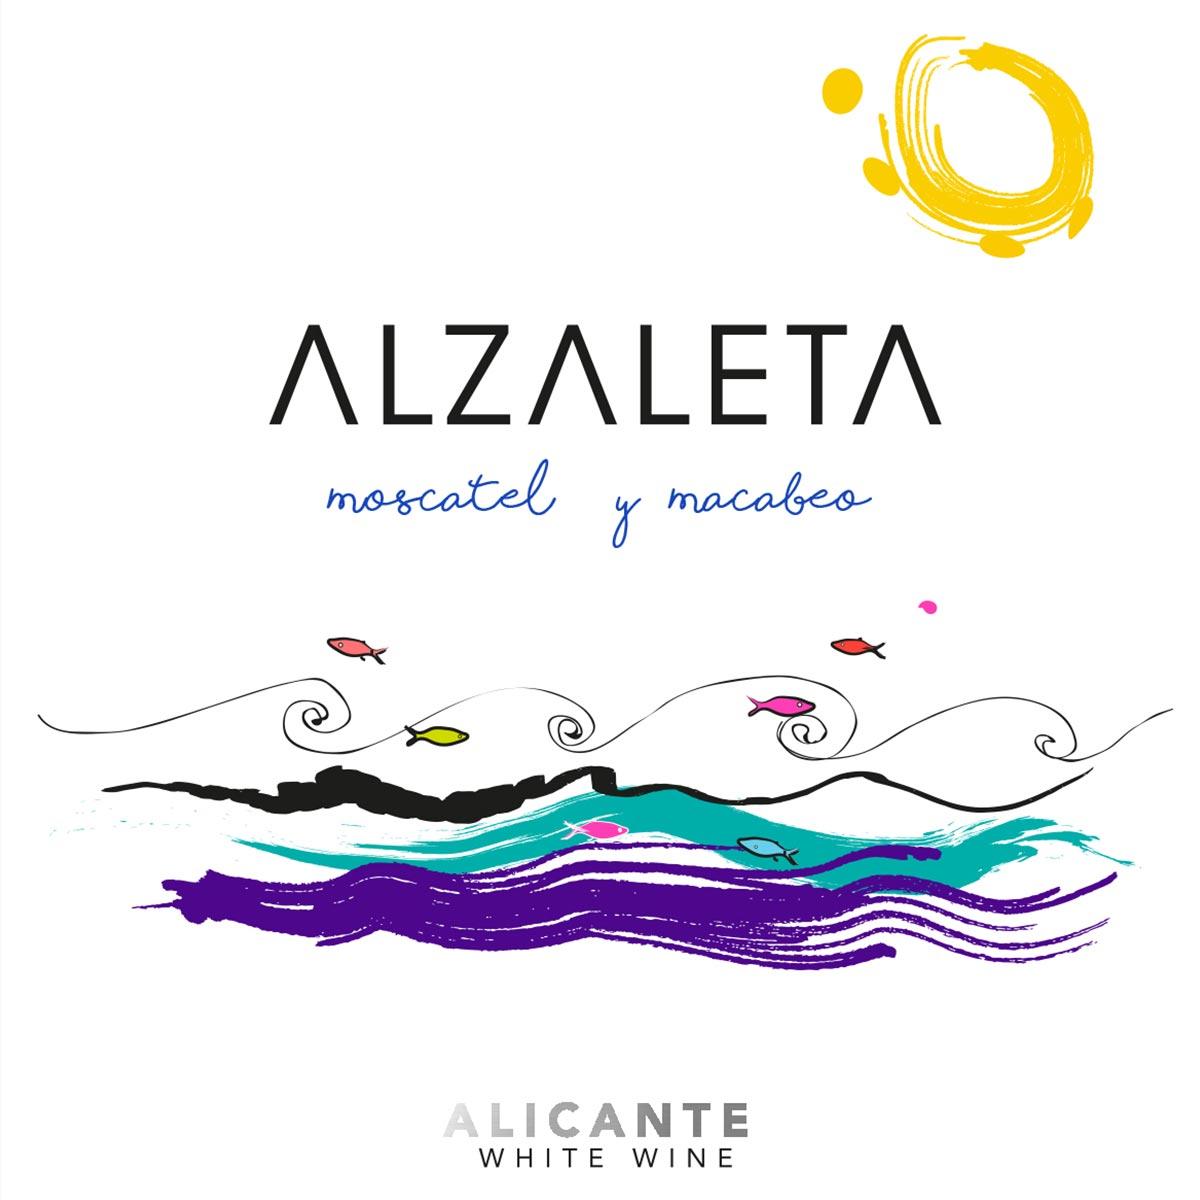 Alzaleta